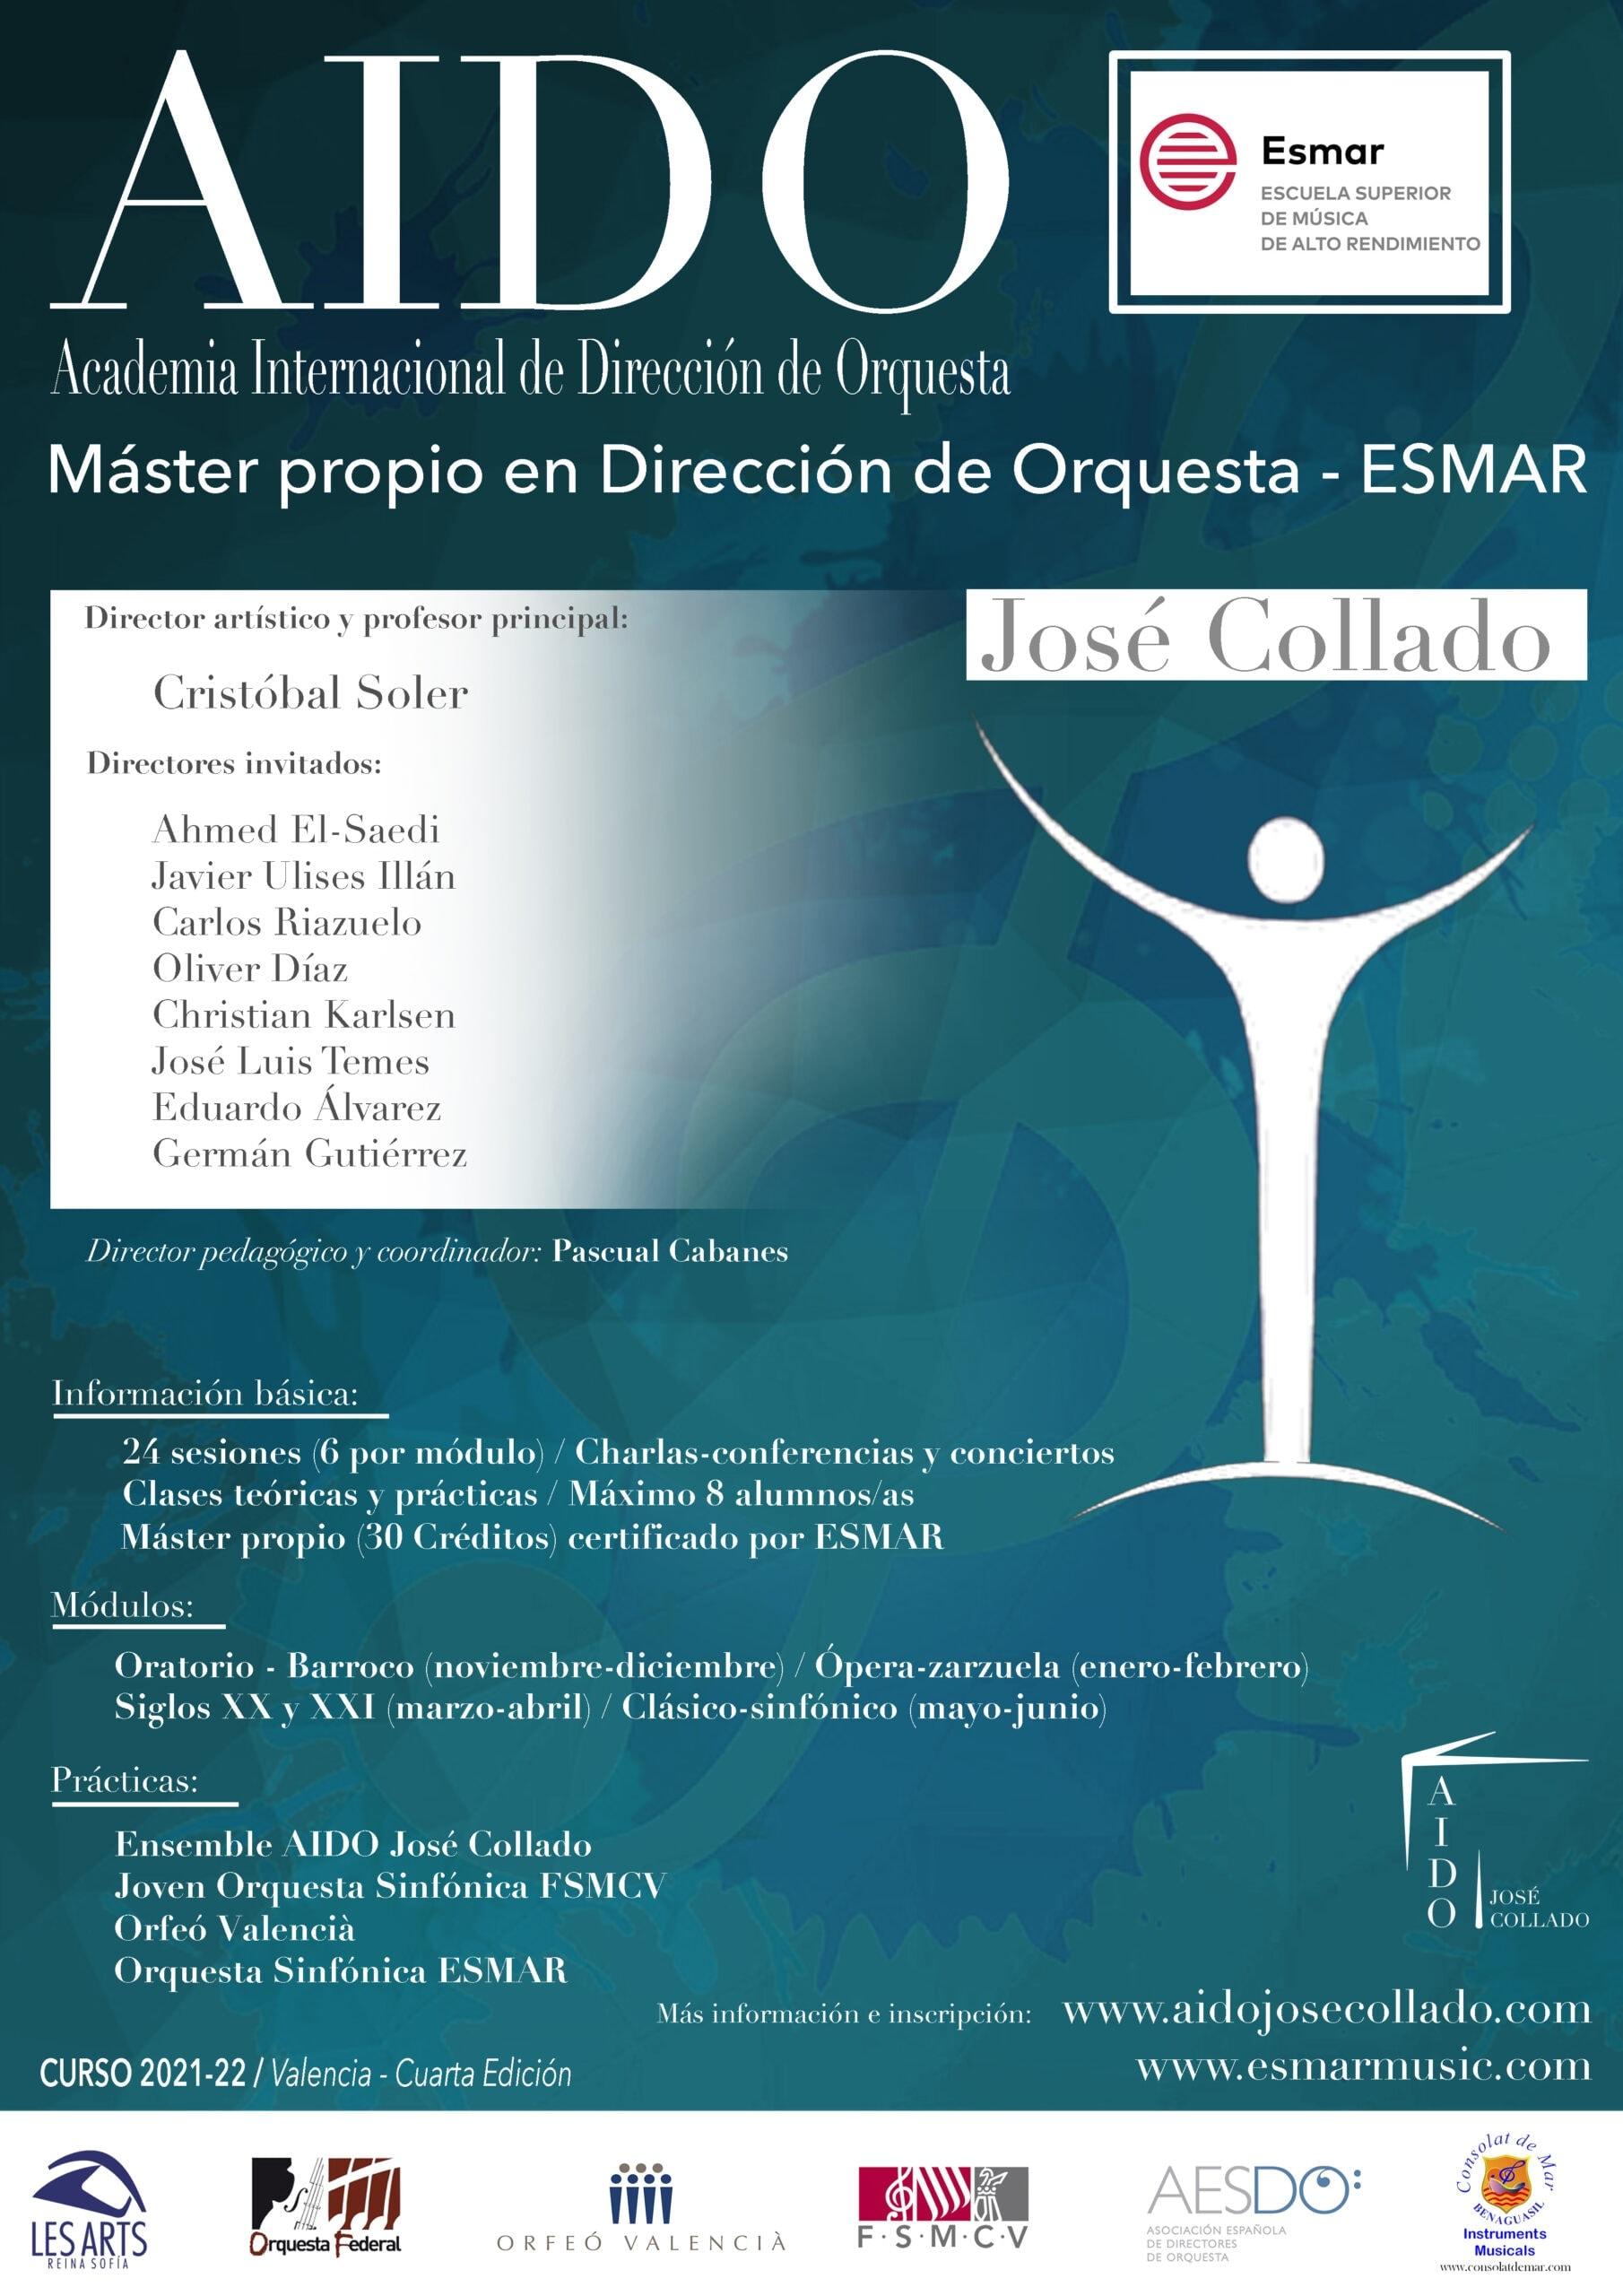 Máster en Dirección de Orquesta